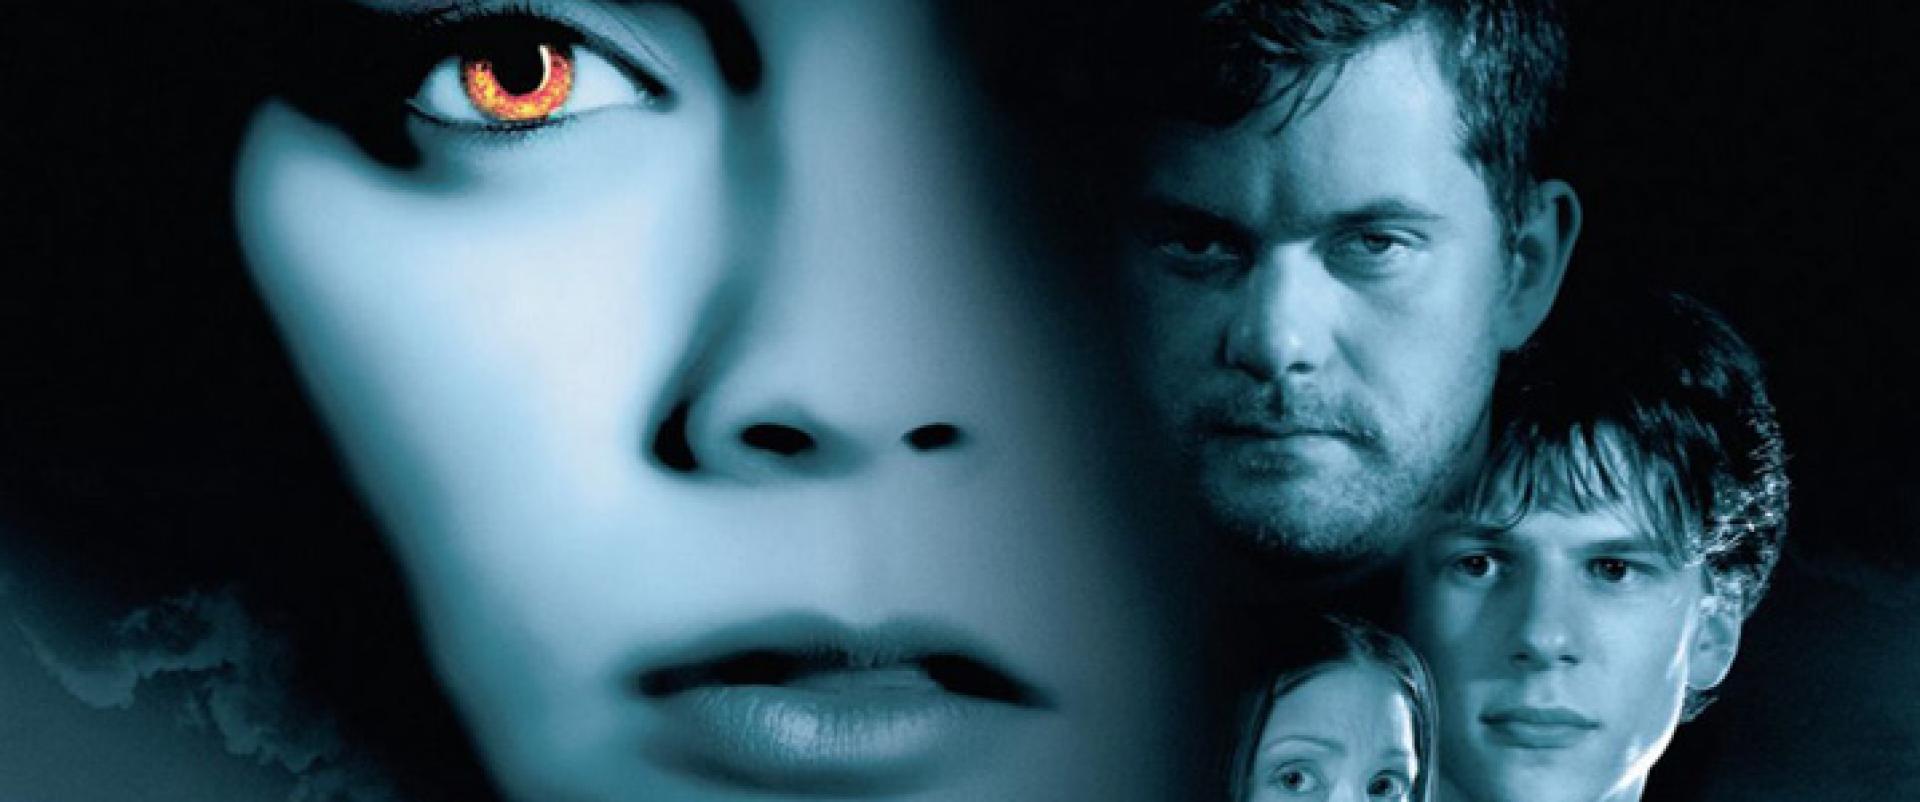 Cursed - Vérfarkas (2005)